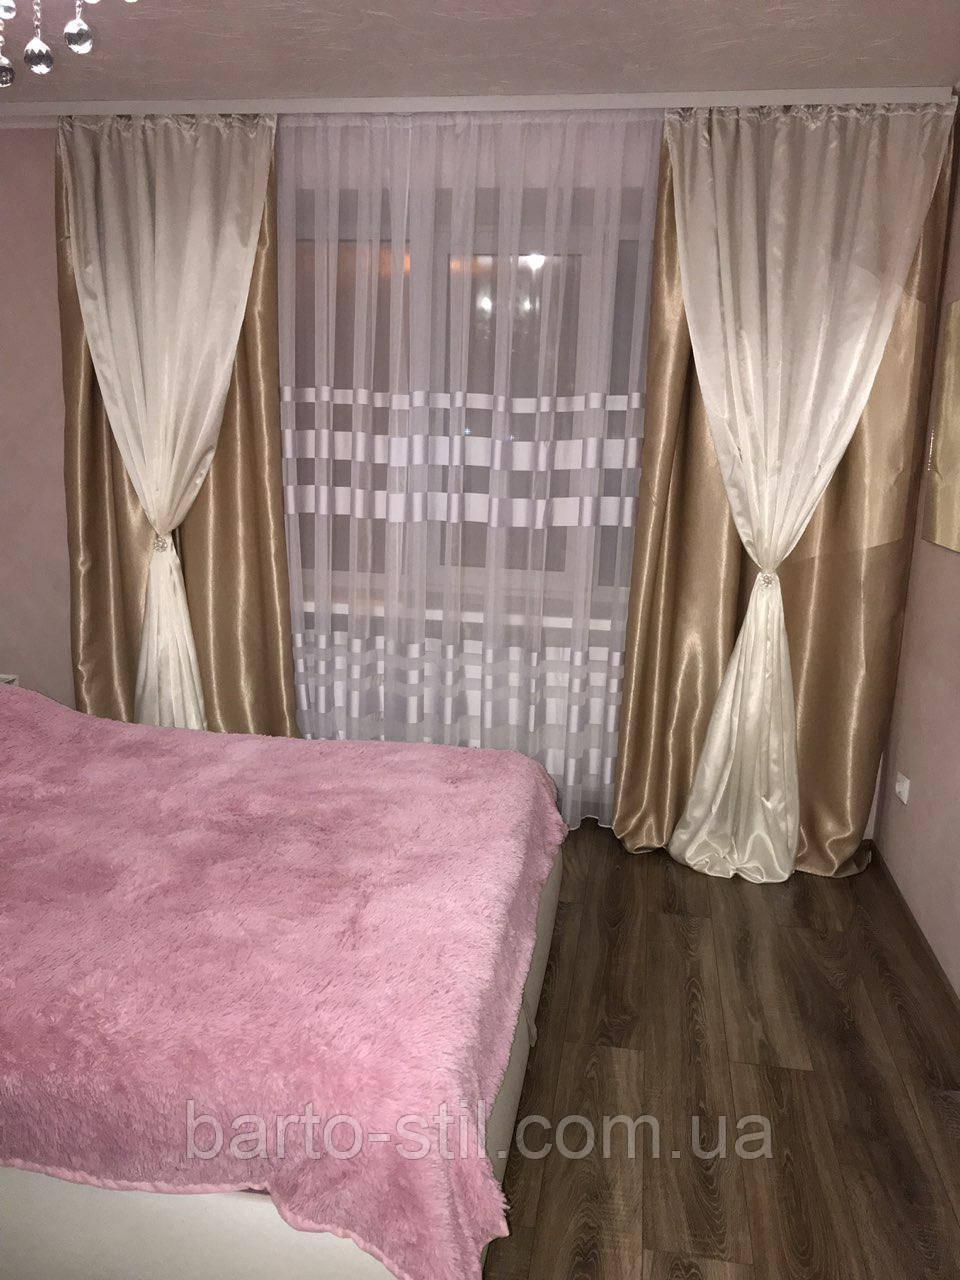 Готовые шторы из плотной ткани.